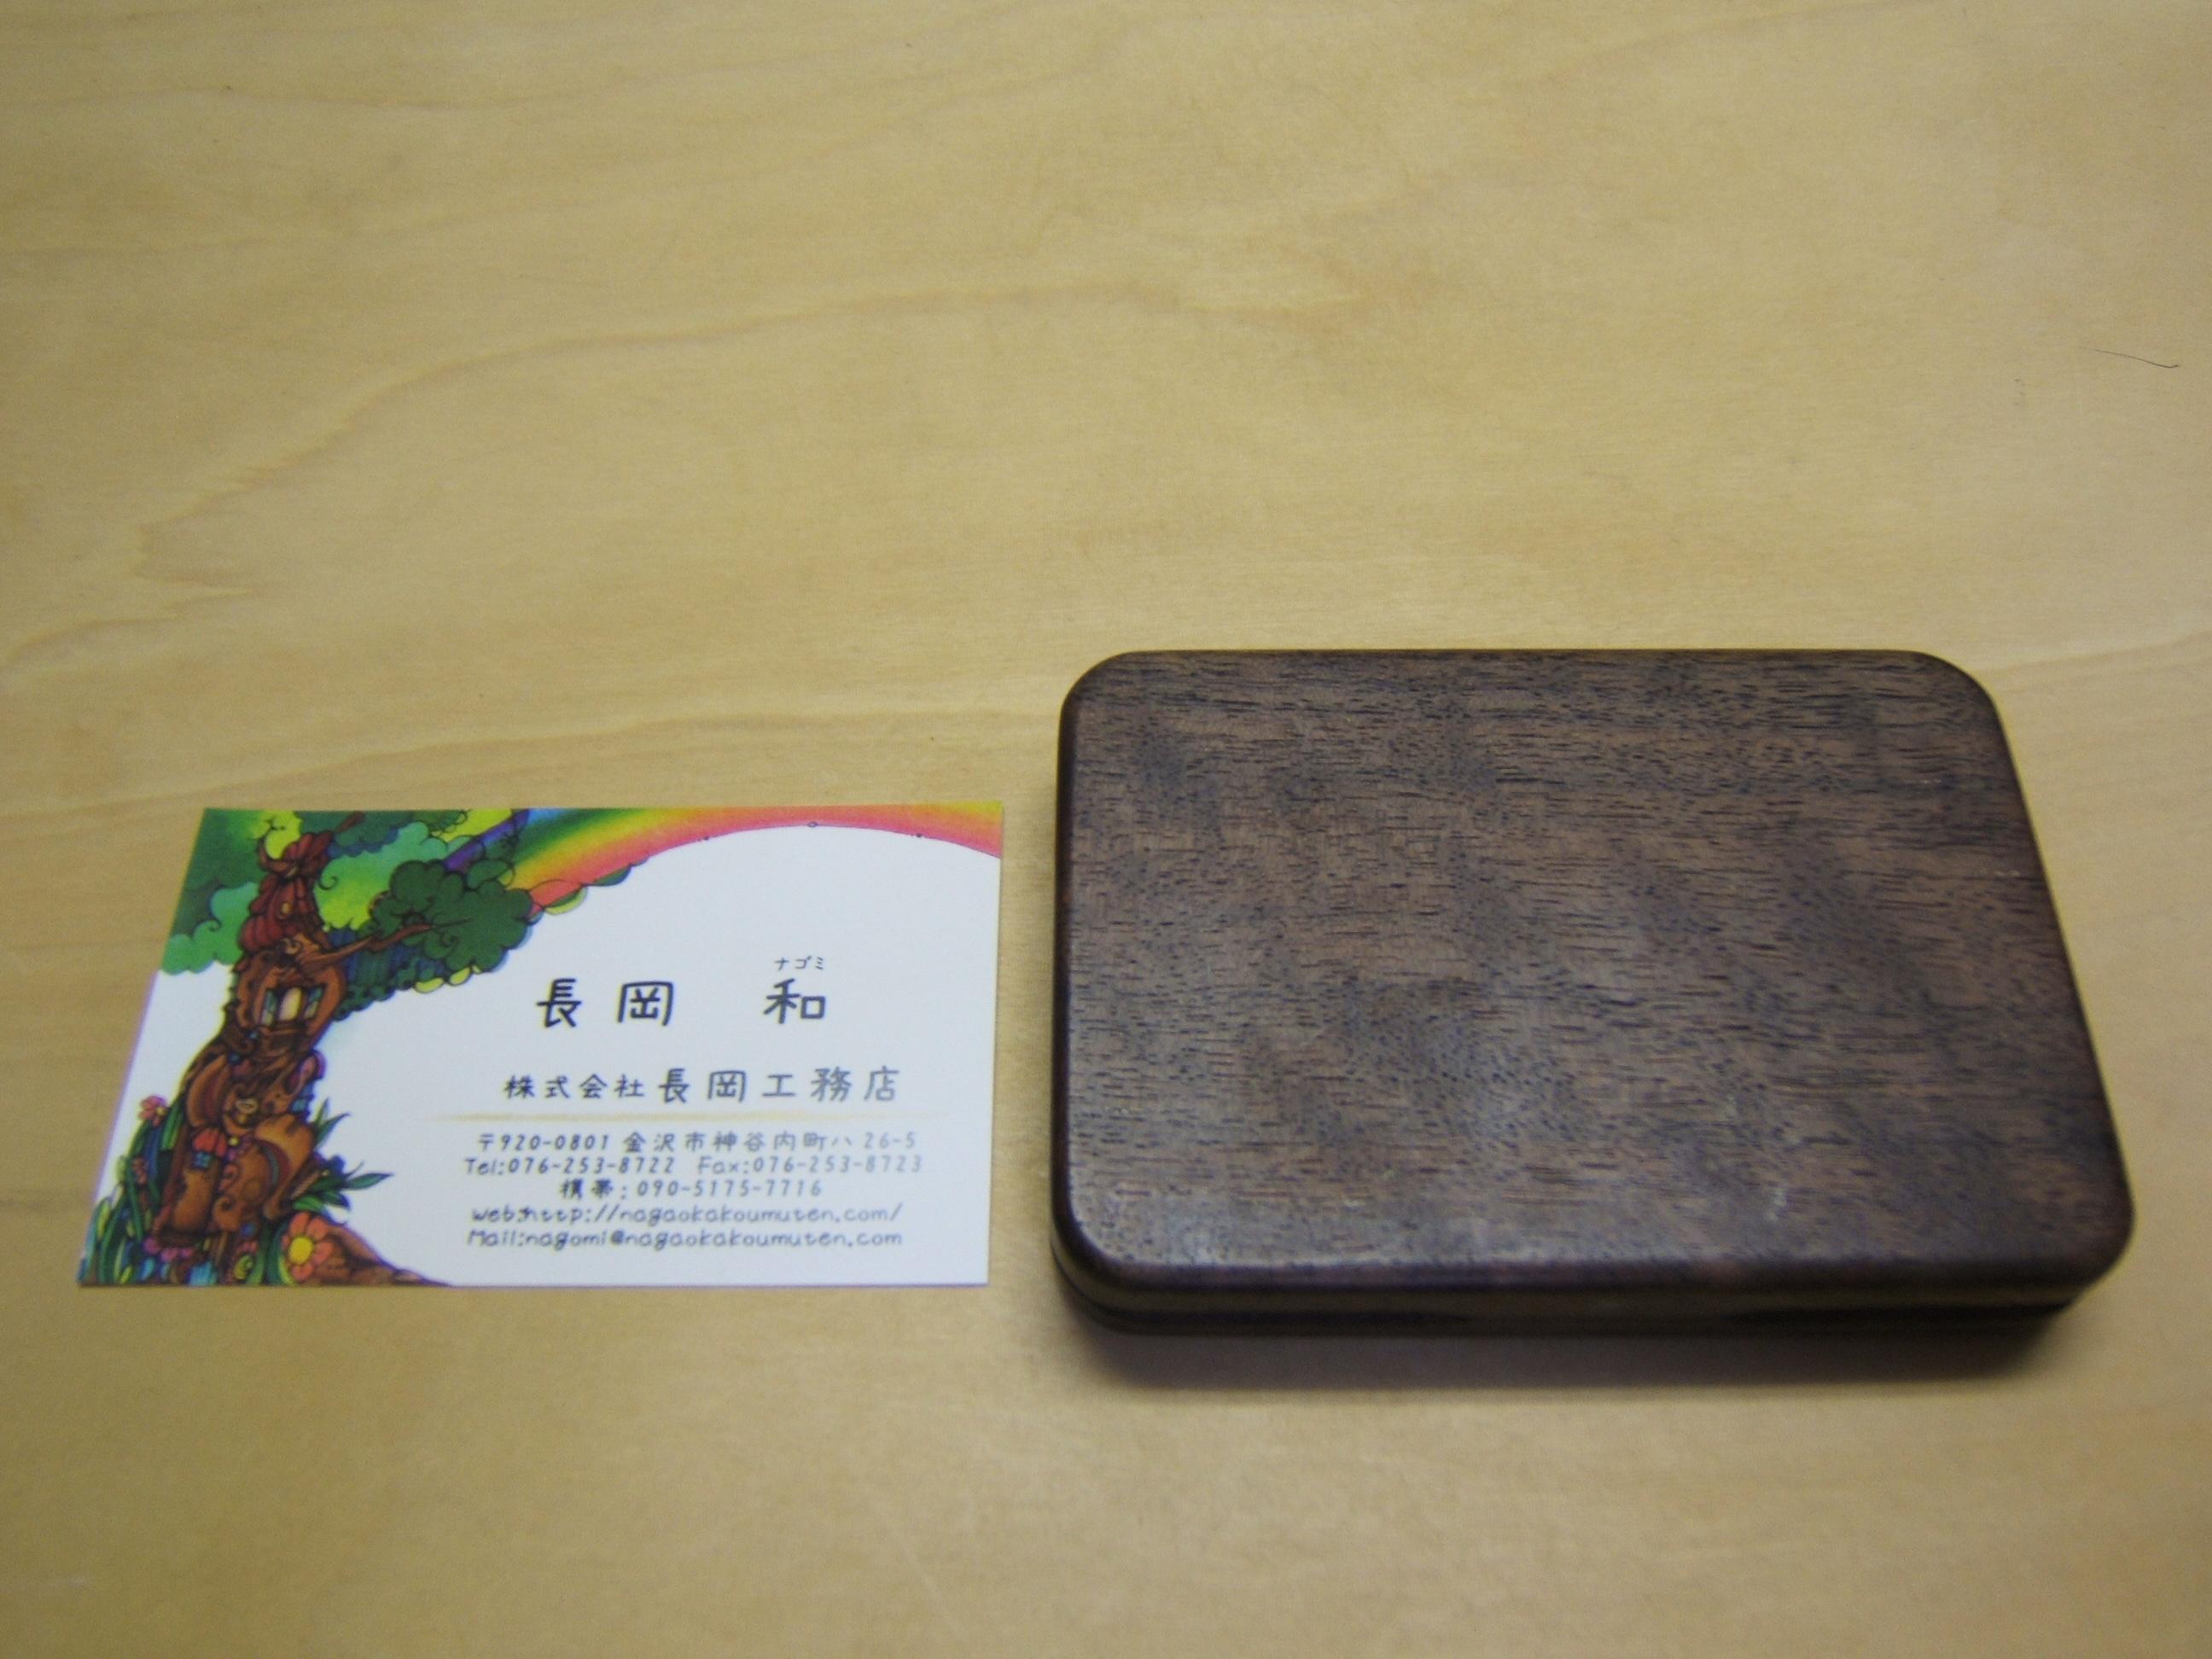 http://nagaokakoumuten.com/DSCF2440.JPG